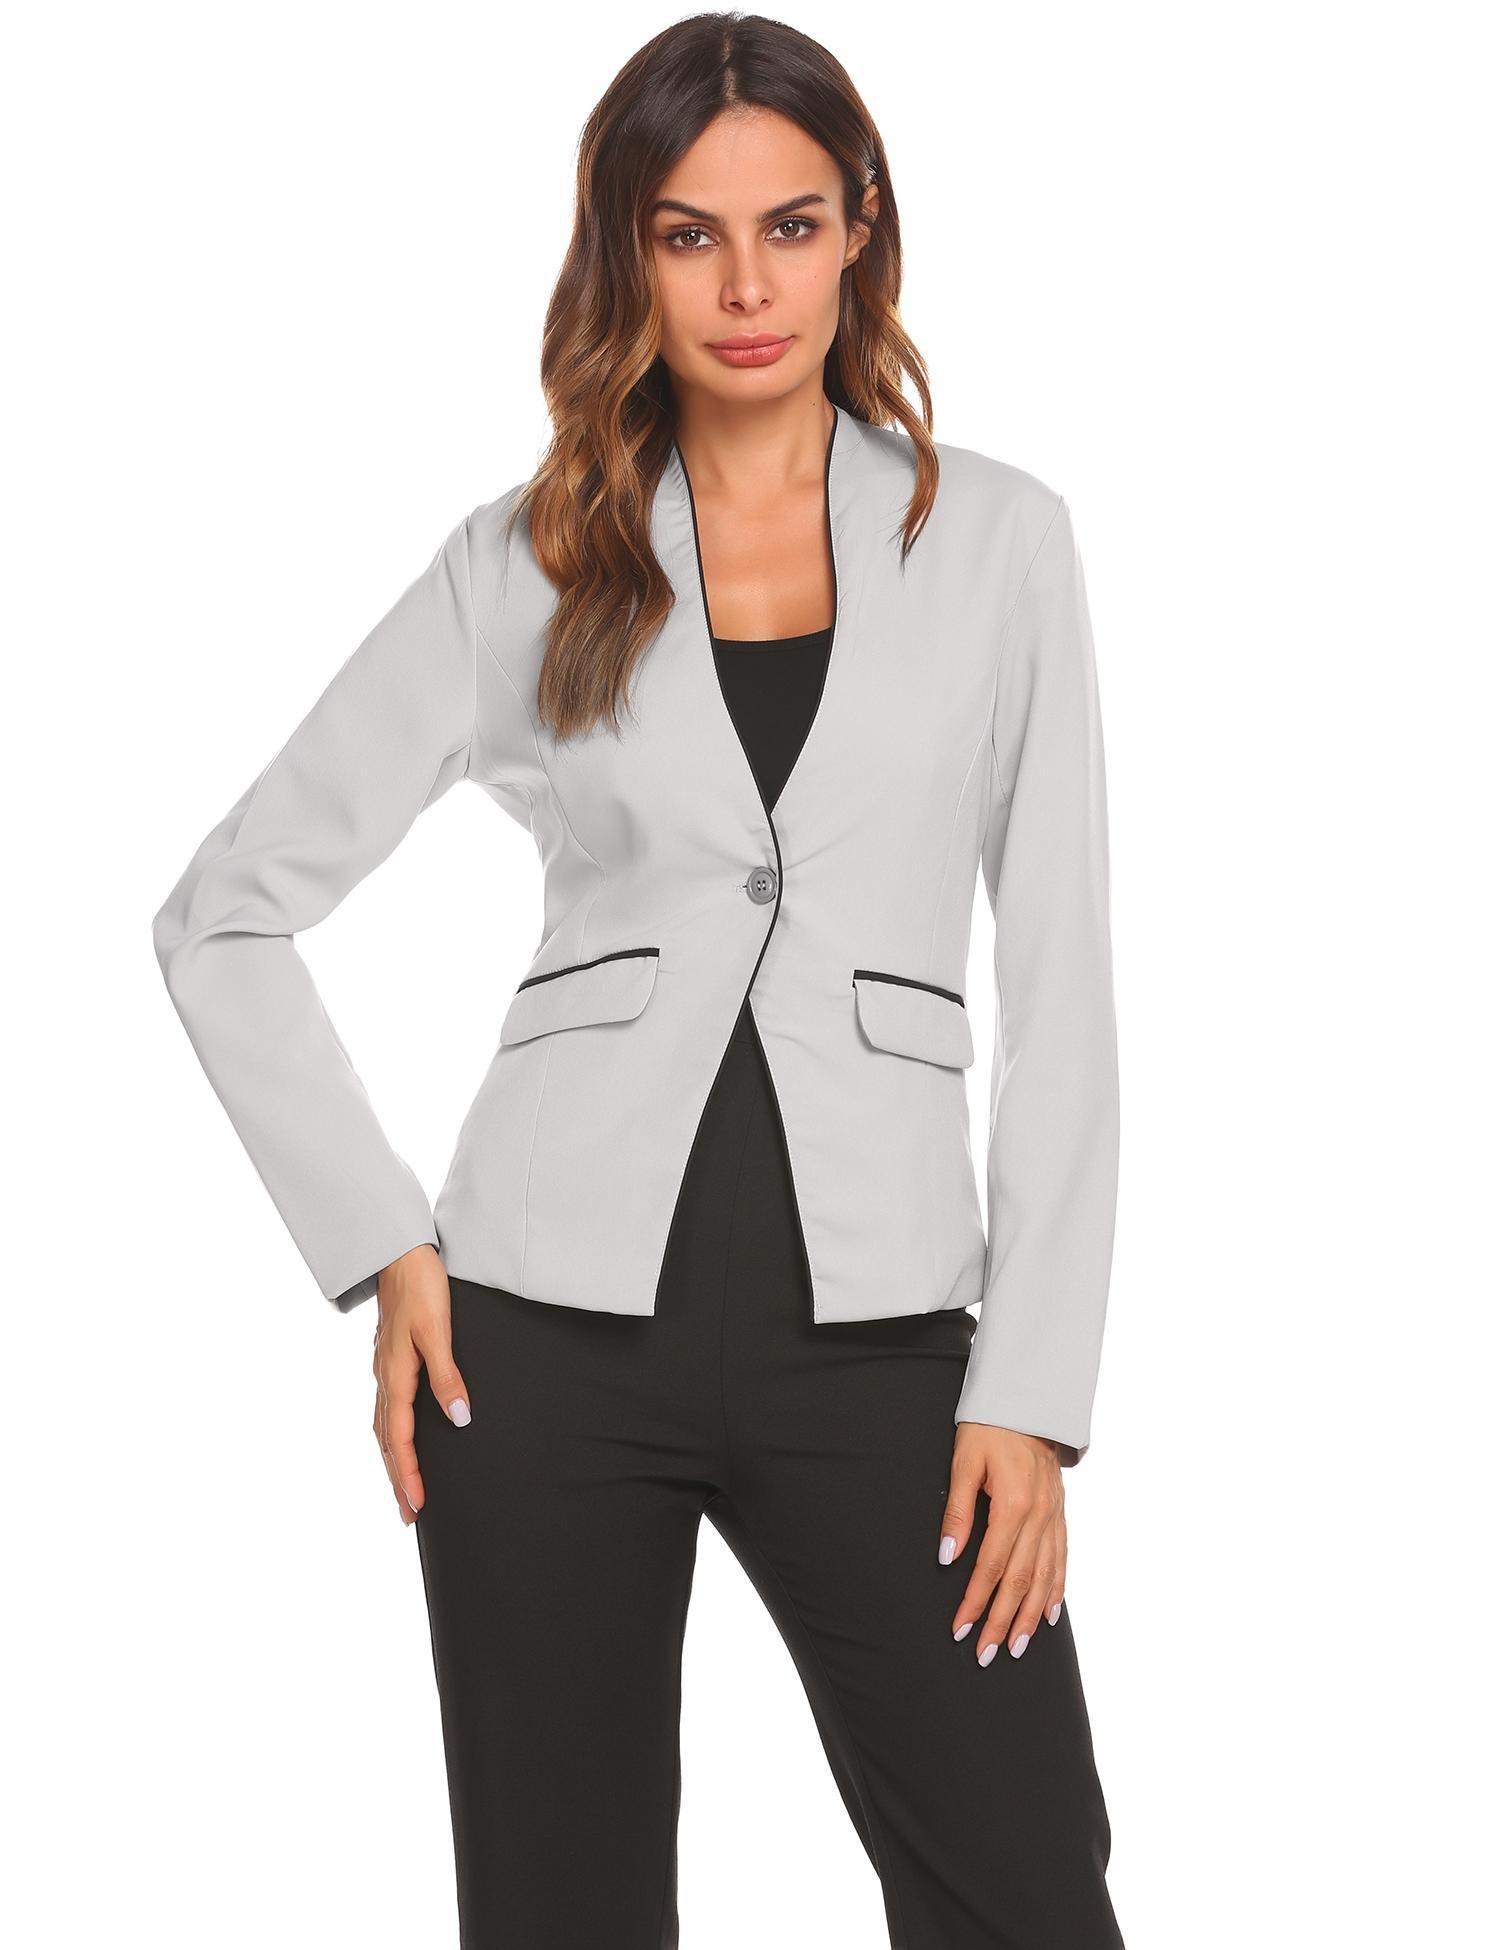 Soteer Women's Collarless Long Sleeve Casual Work Office Slim Blazer Suit Jacket